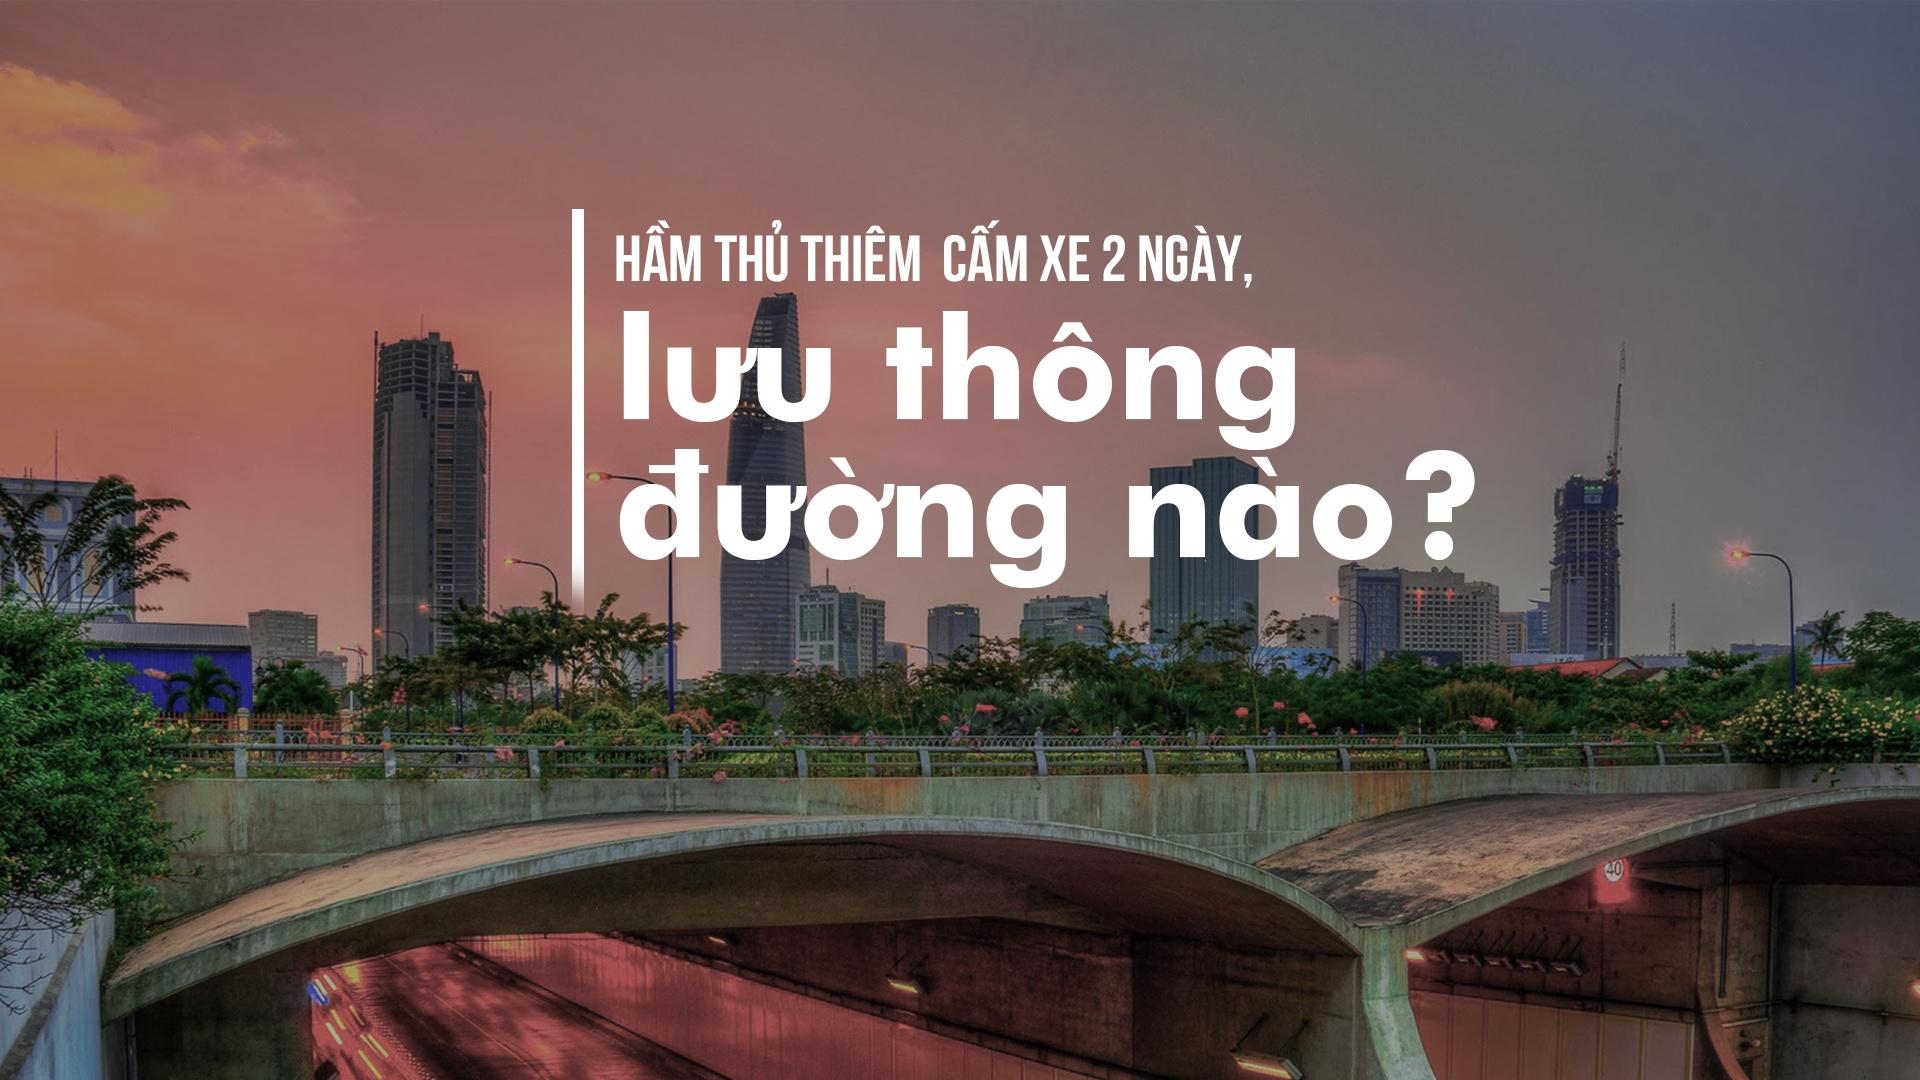 Ham Thu Thiem cam xe 2 ngay, di duong nao? hinh anh 1